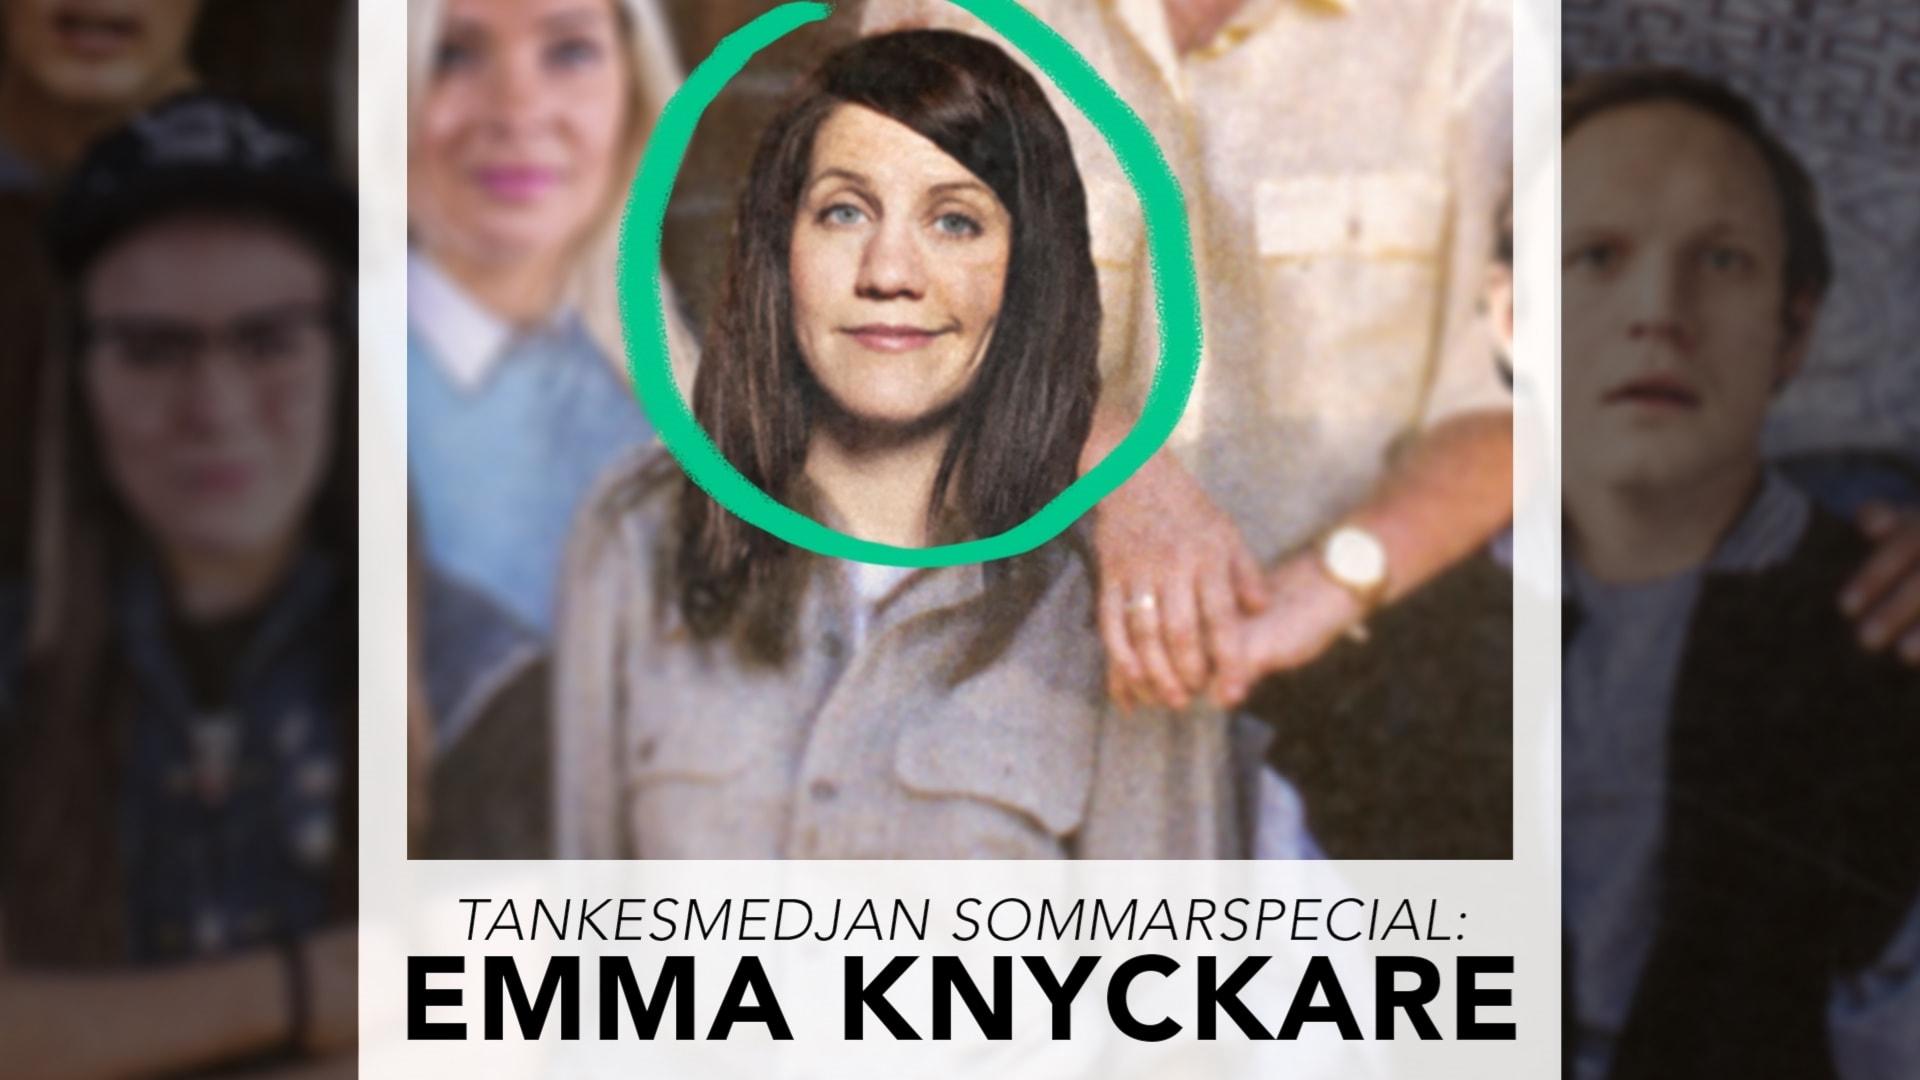 Tankesmedjan sommarspecial: Emma Knyckare!